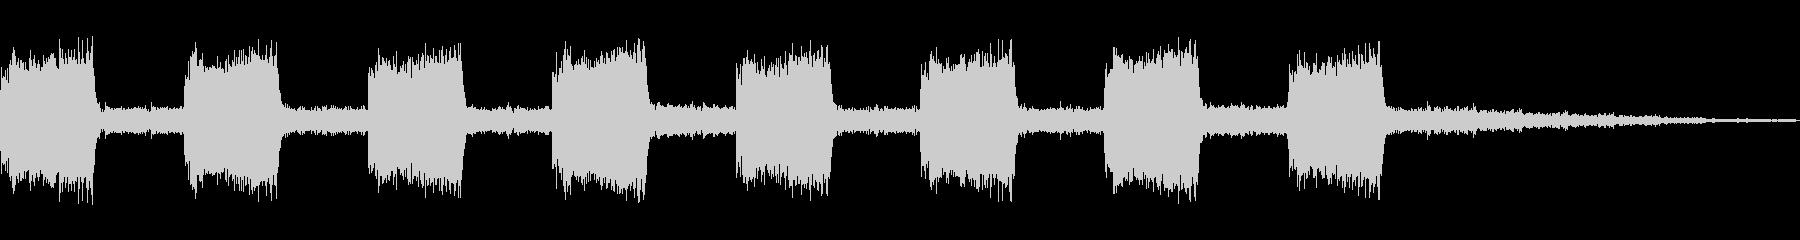 【効果音】警報音4の未再生の波形